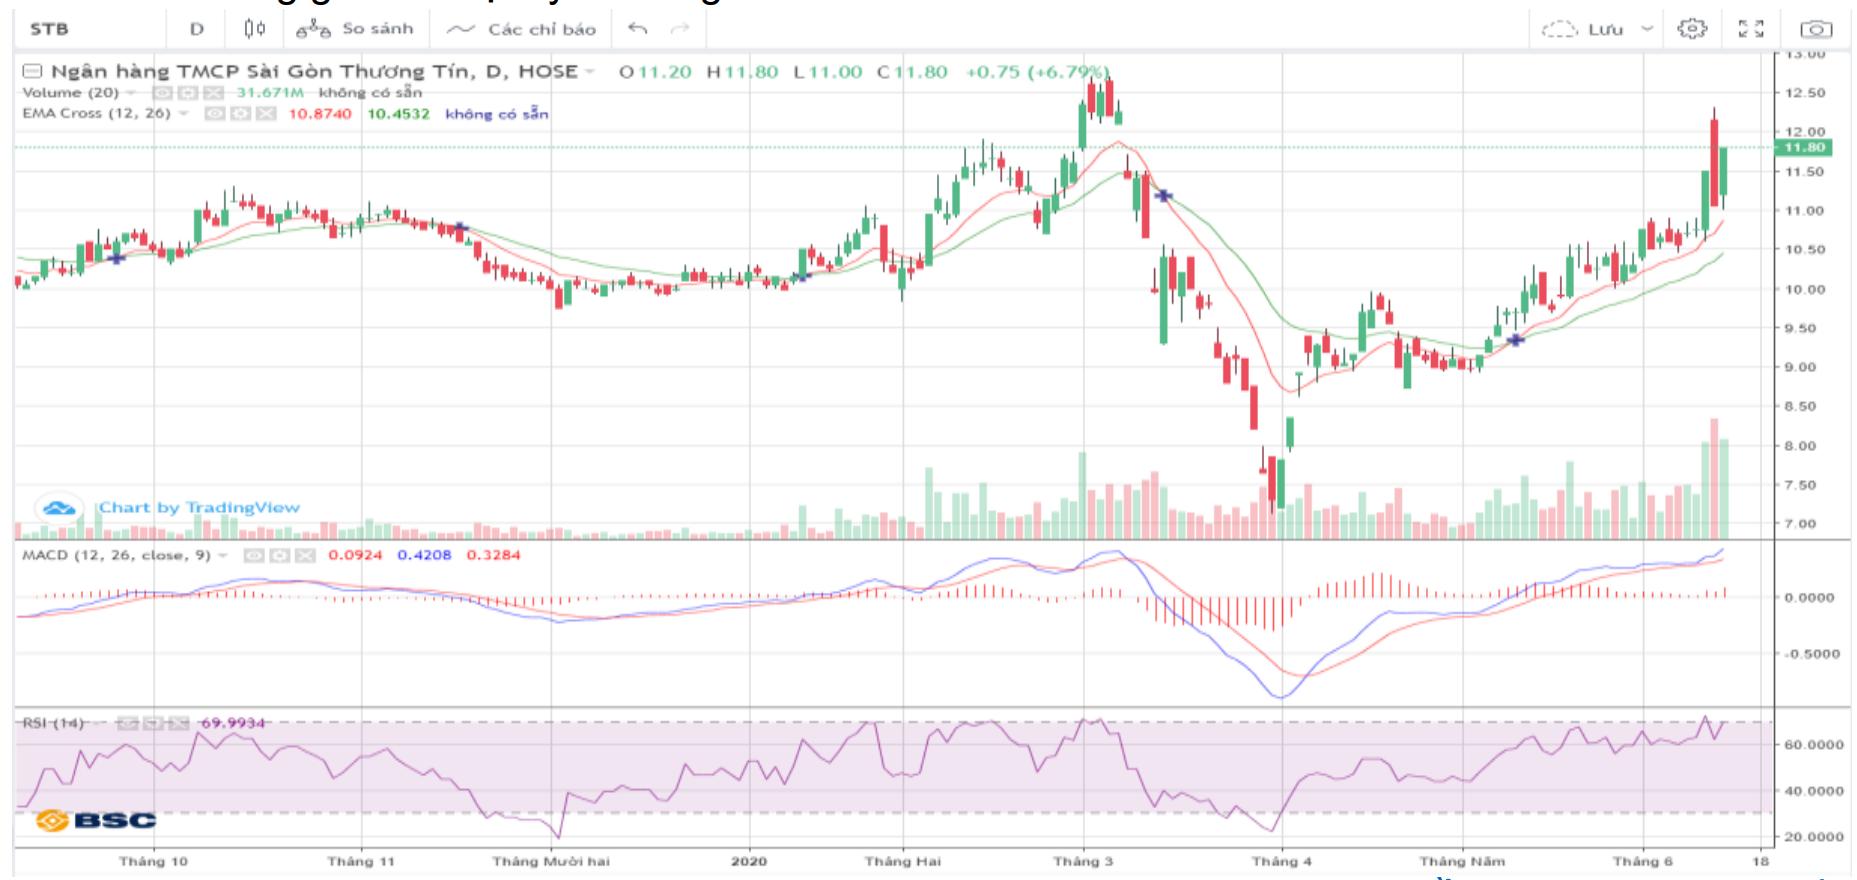 Cổ phiếu tâm điểm ngày 15/6: STB, CRE, NVL, SJS, CMG - Ảnh 1.